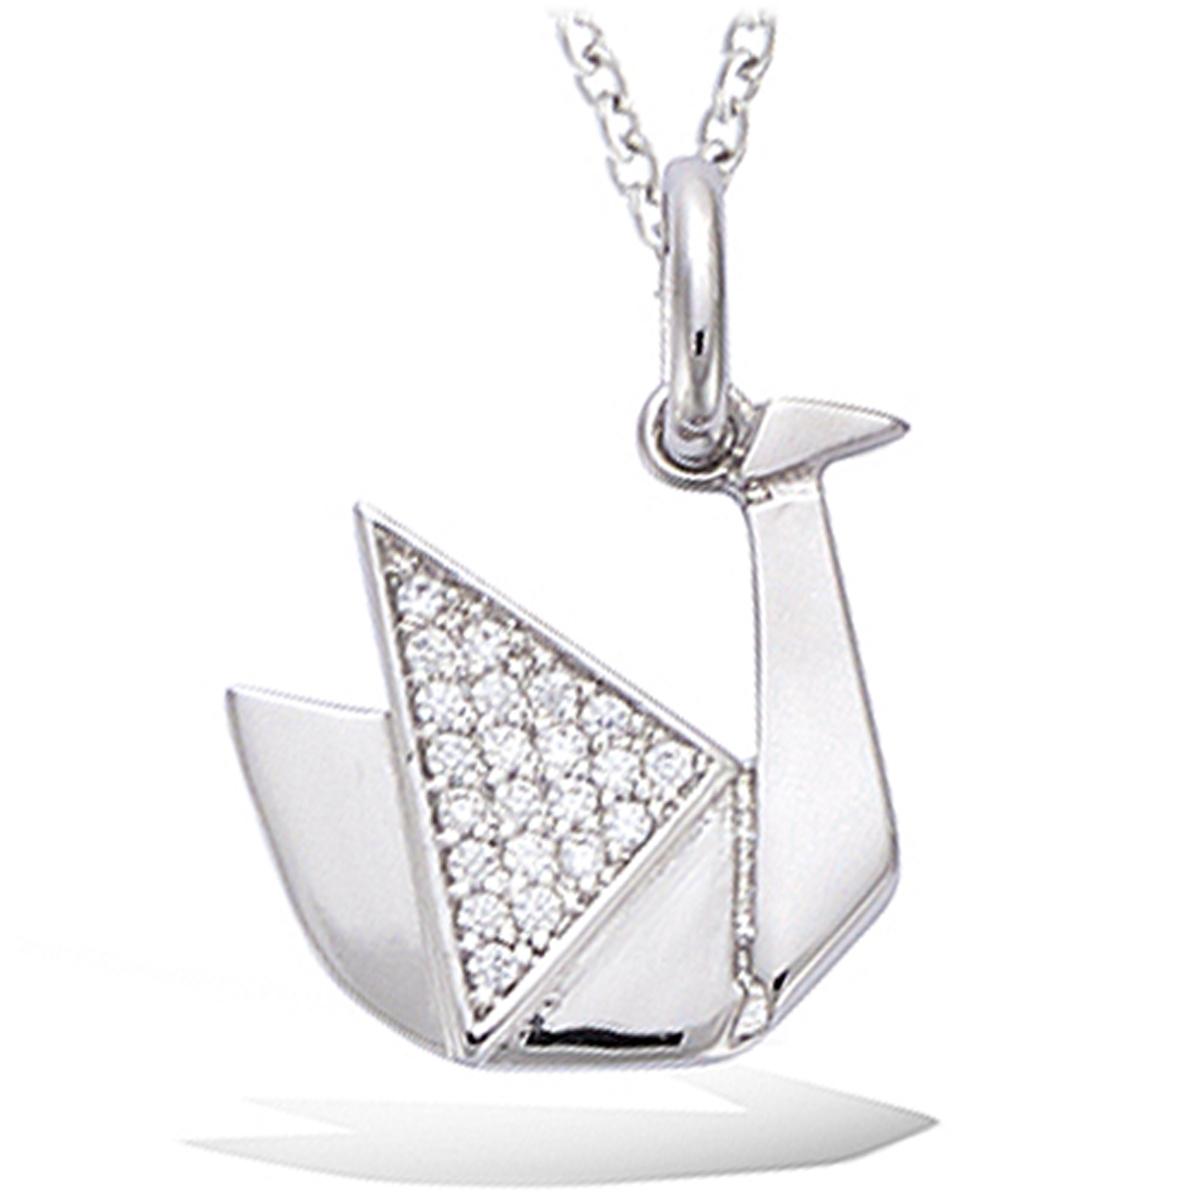 Pendentif Argent \'Origami\' argenté (rhodié) cygne - 15x15 mm - [P5096]